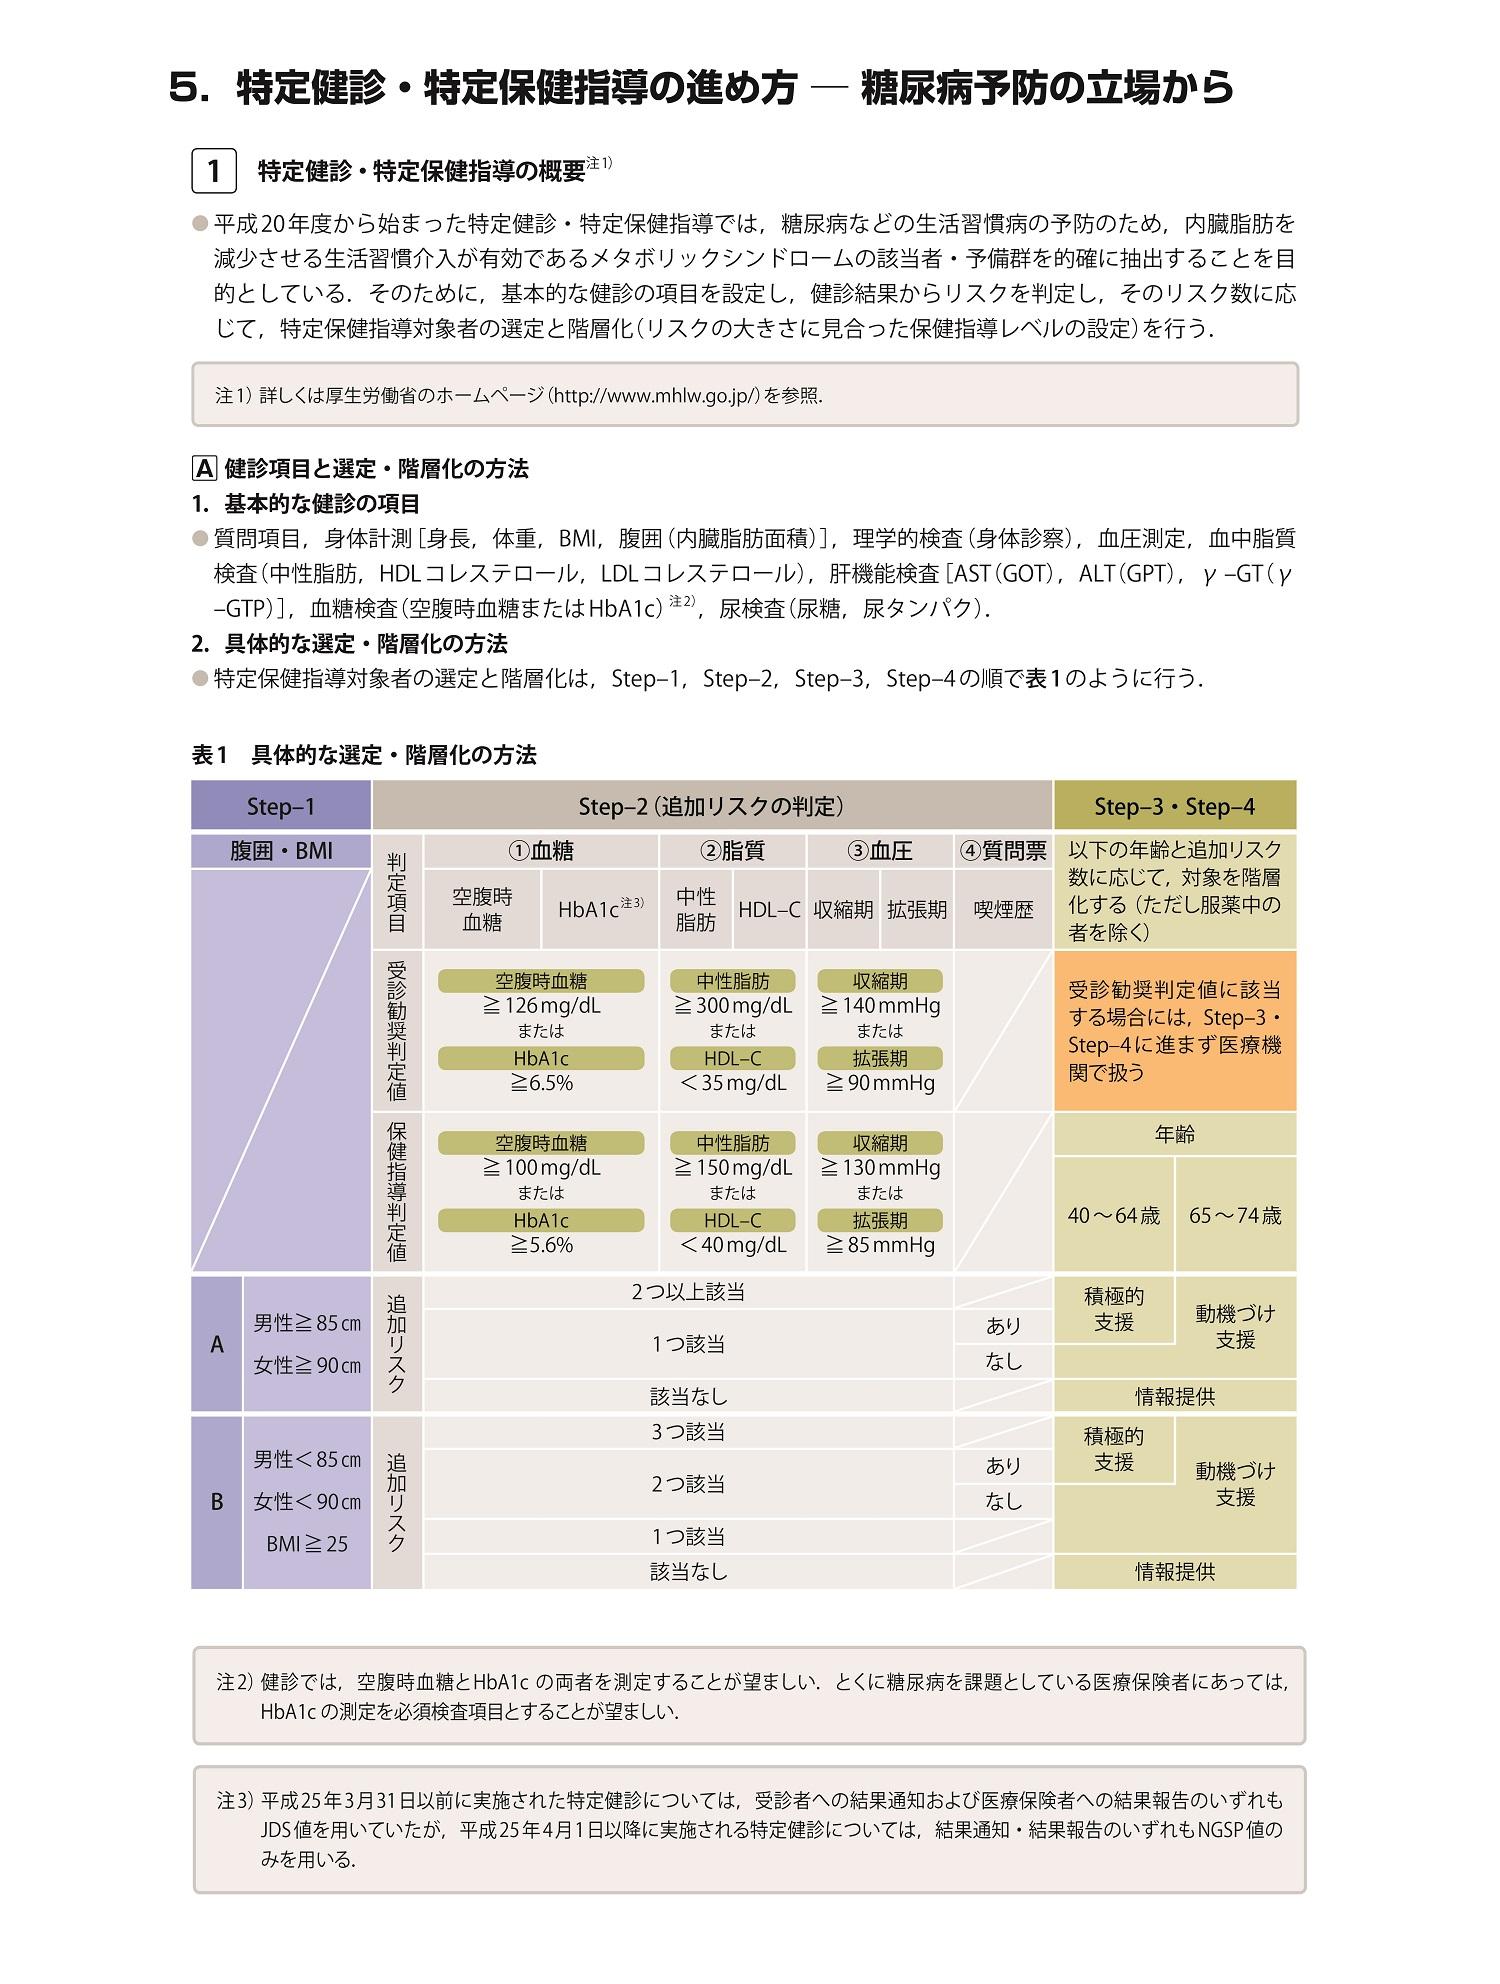 糖尿病治療ガイド2018-2019(抜粋)[11]